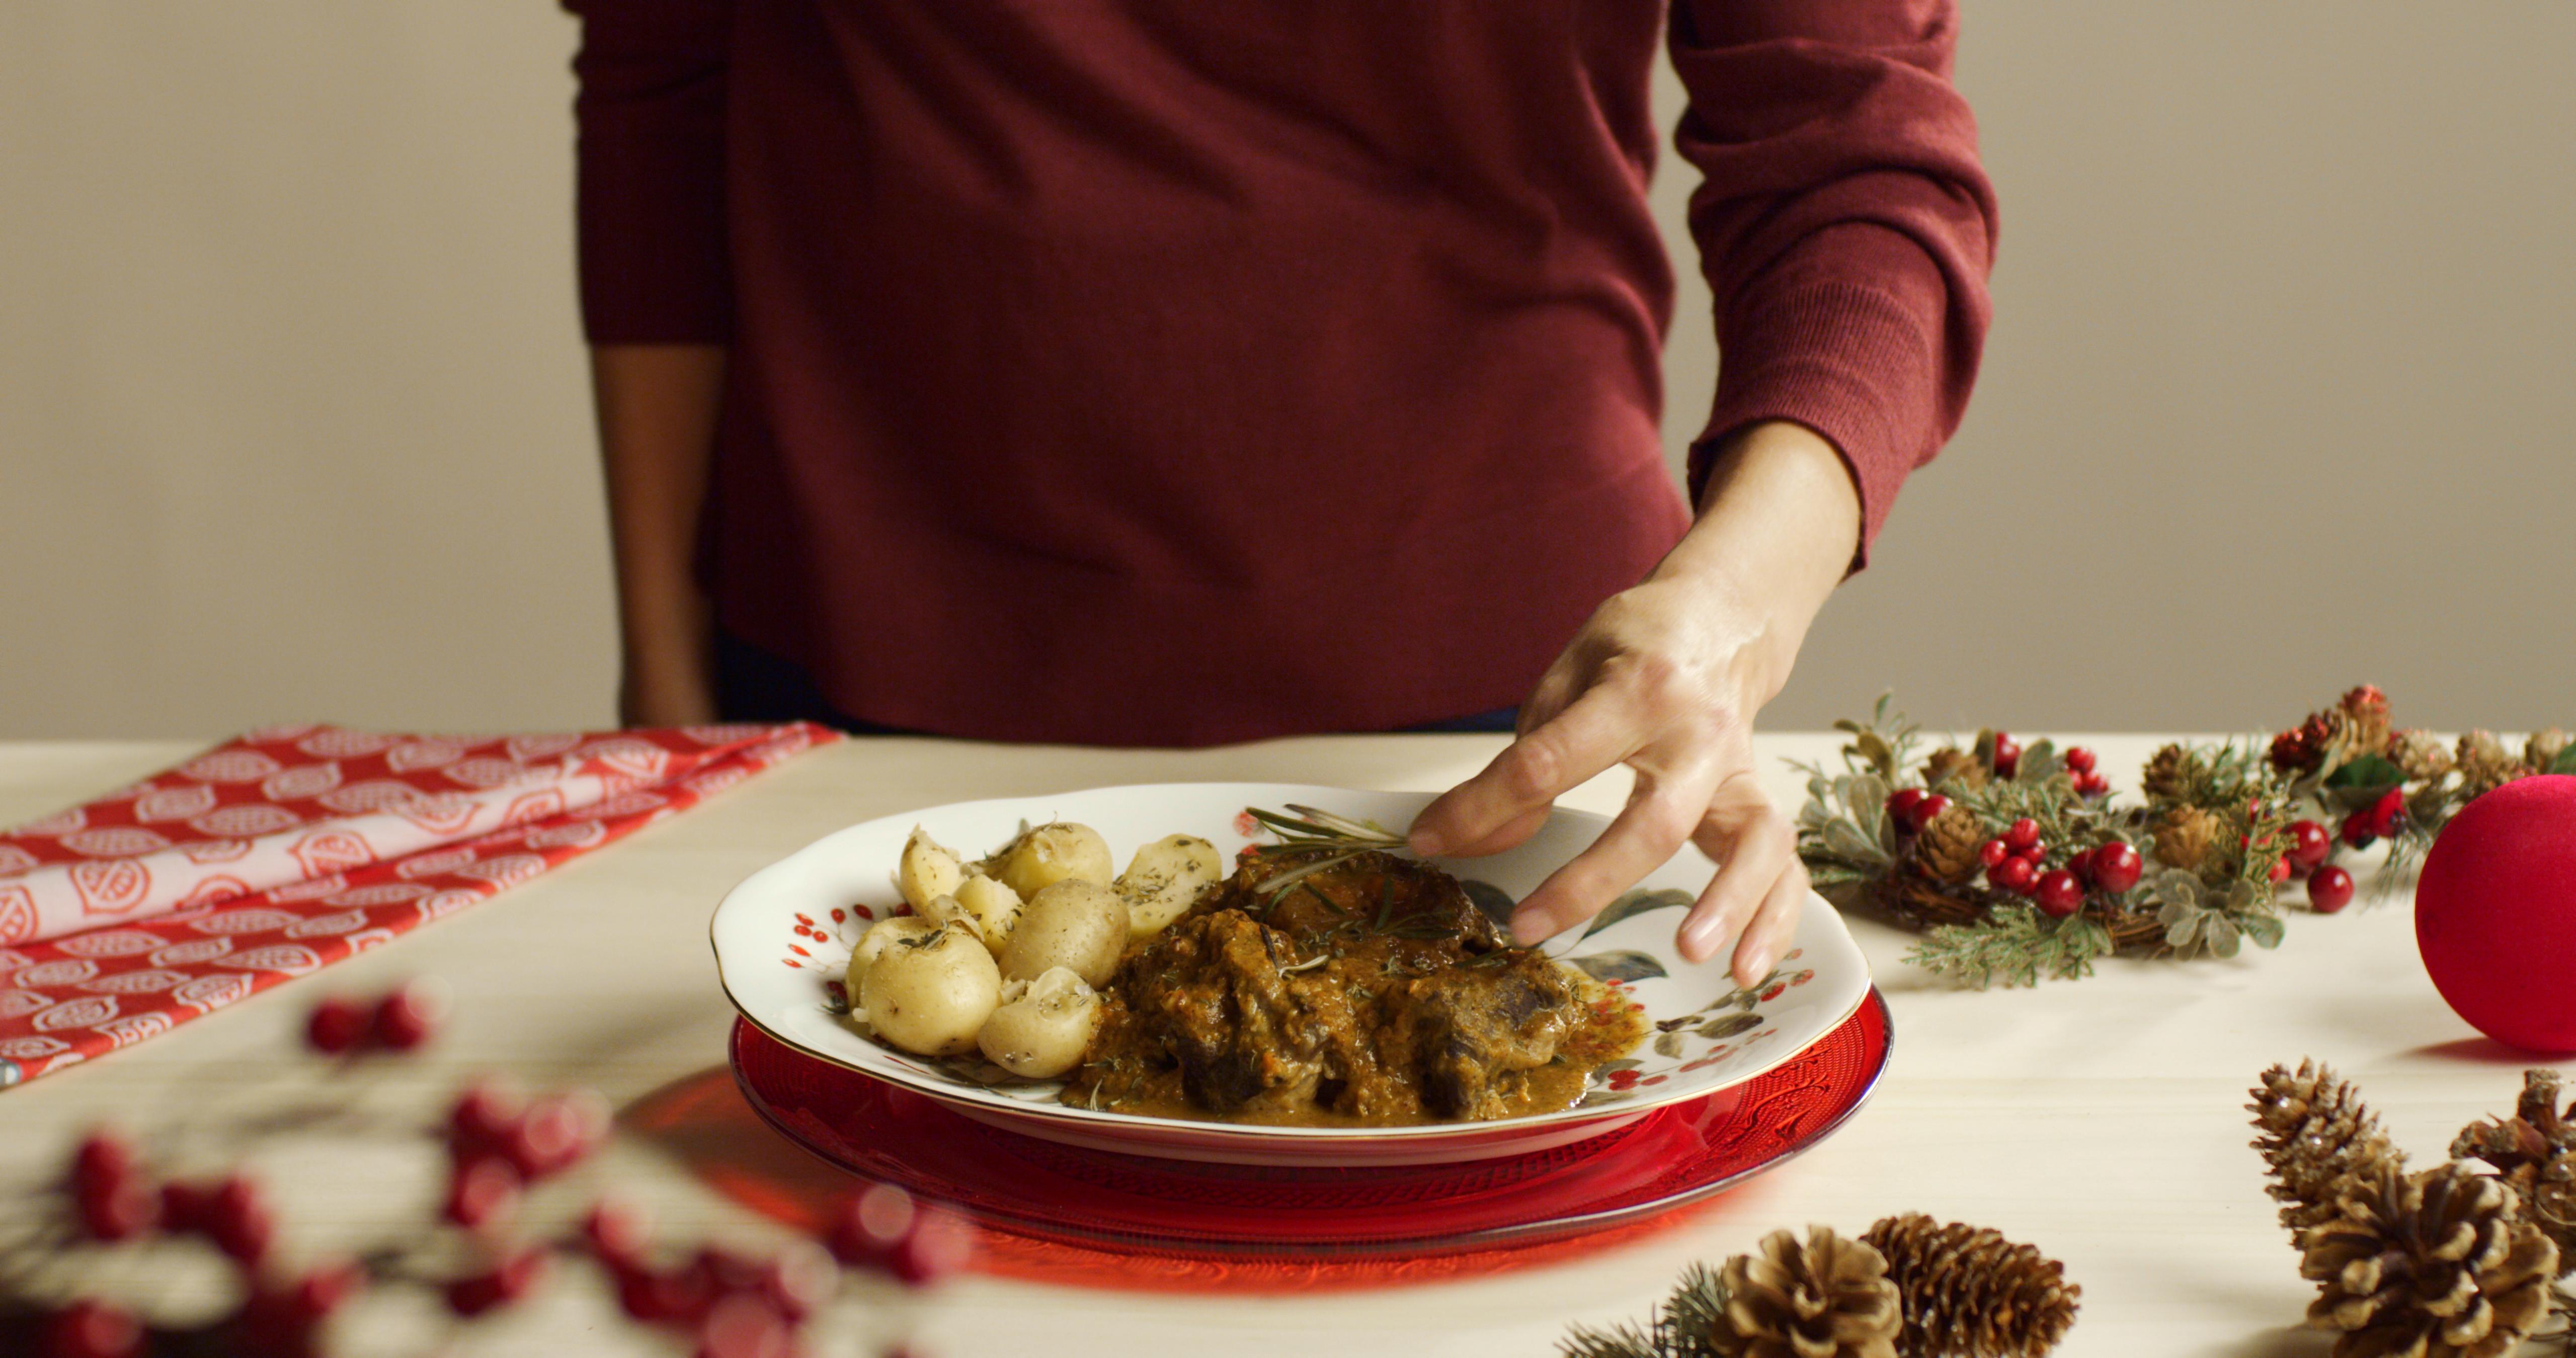 Cuatro Recetas Fáciles Para Sorprender Esta Navidad